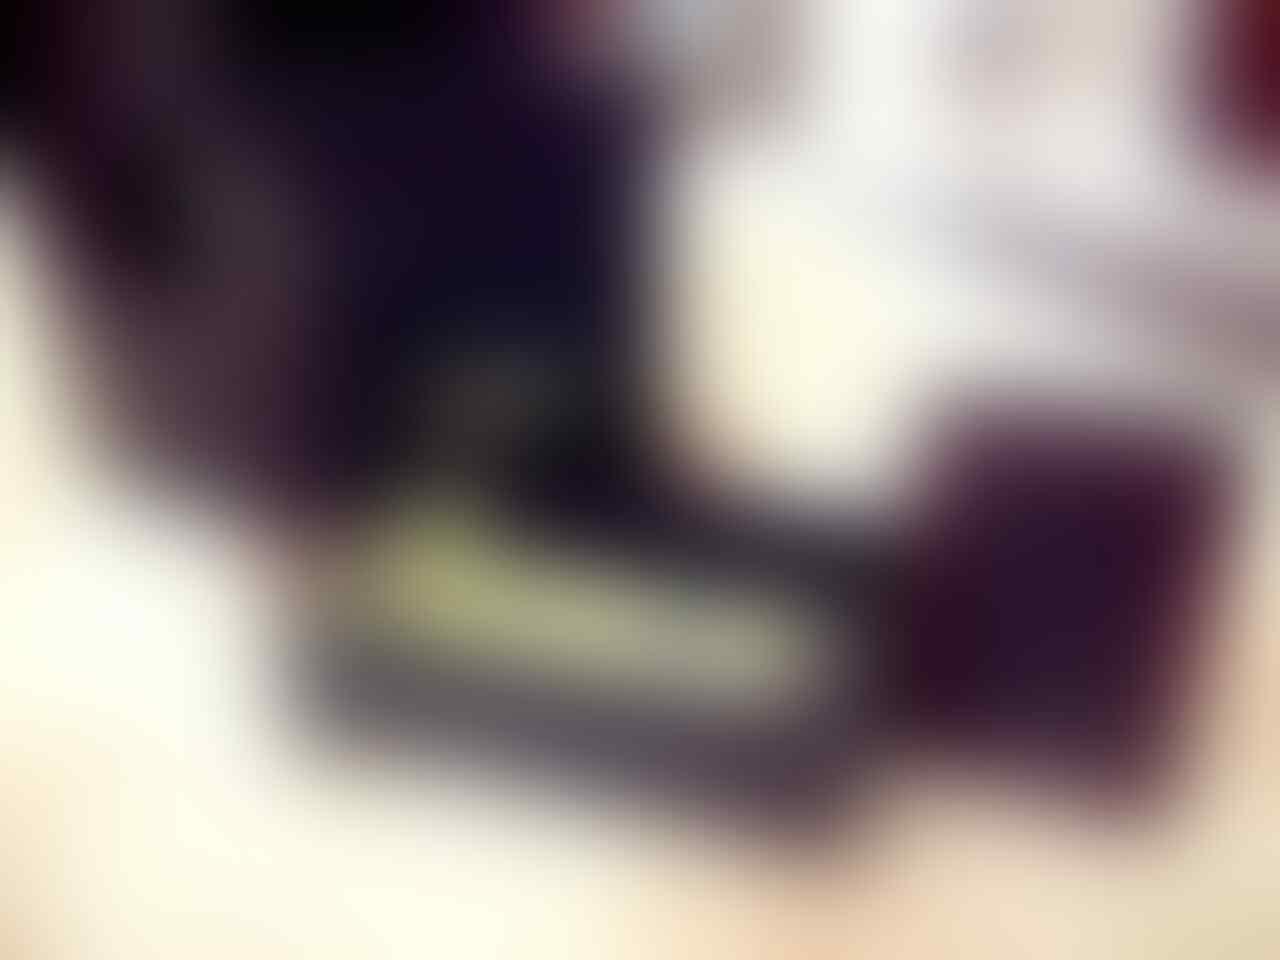 ► Jual Pemantik | Lighter | Korek Api Zippo Harga Murah Dan Gratis Ongkir ◄